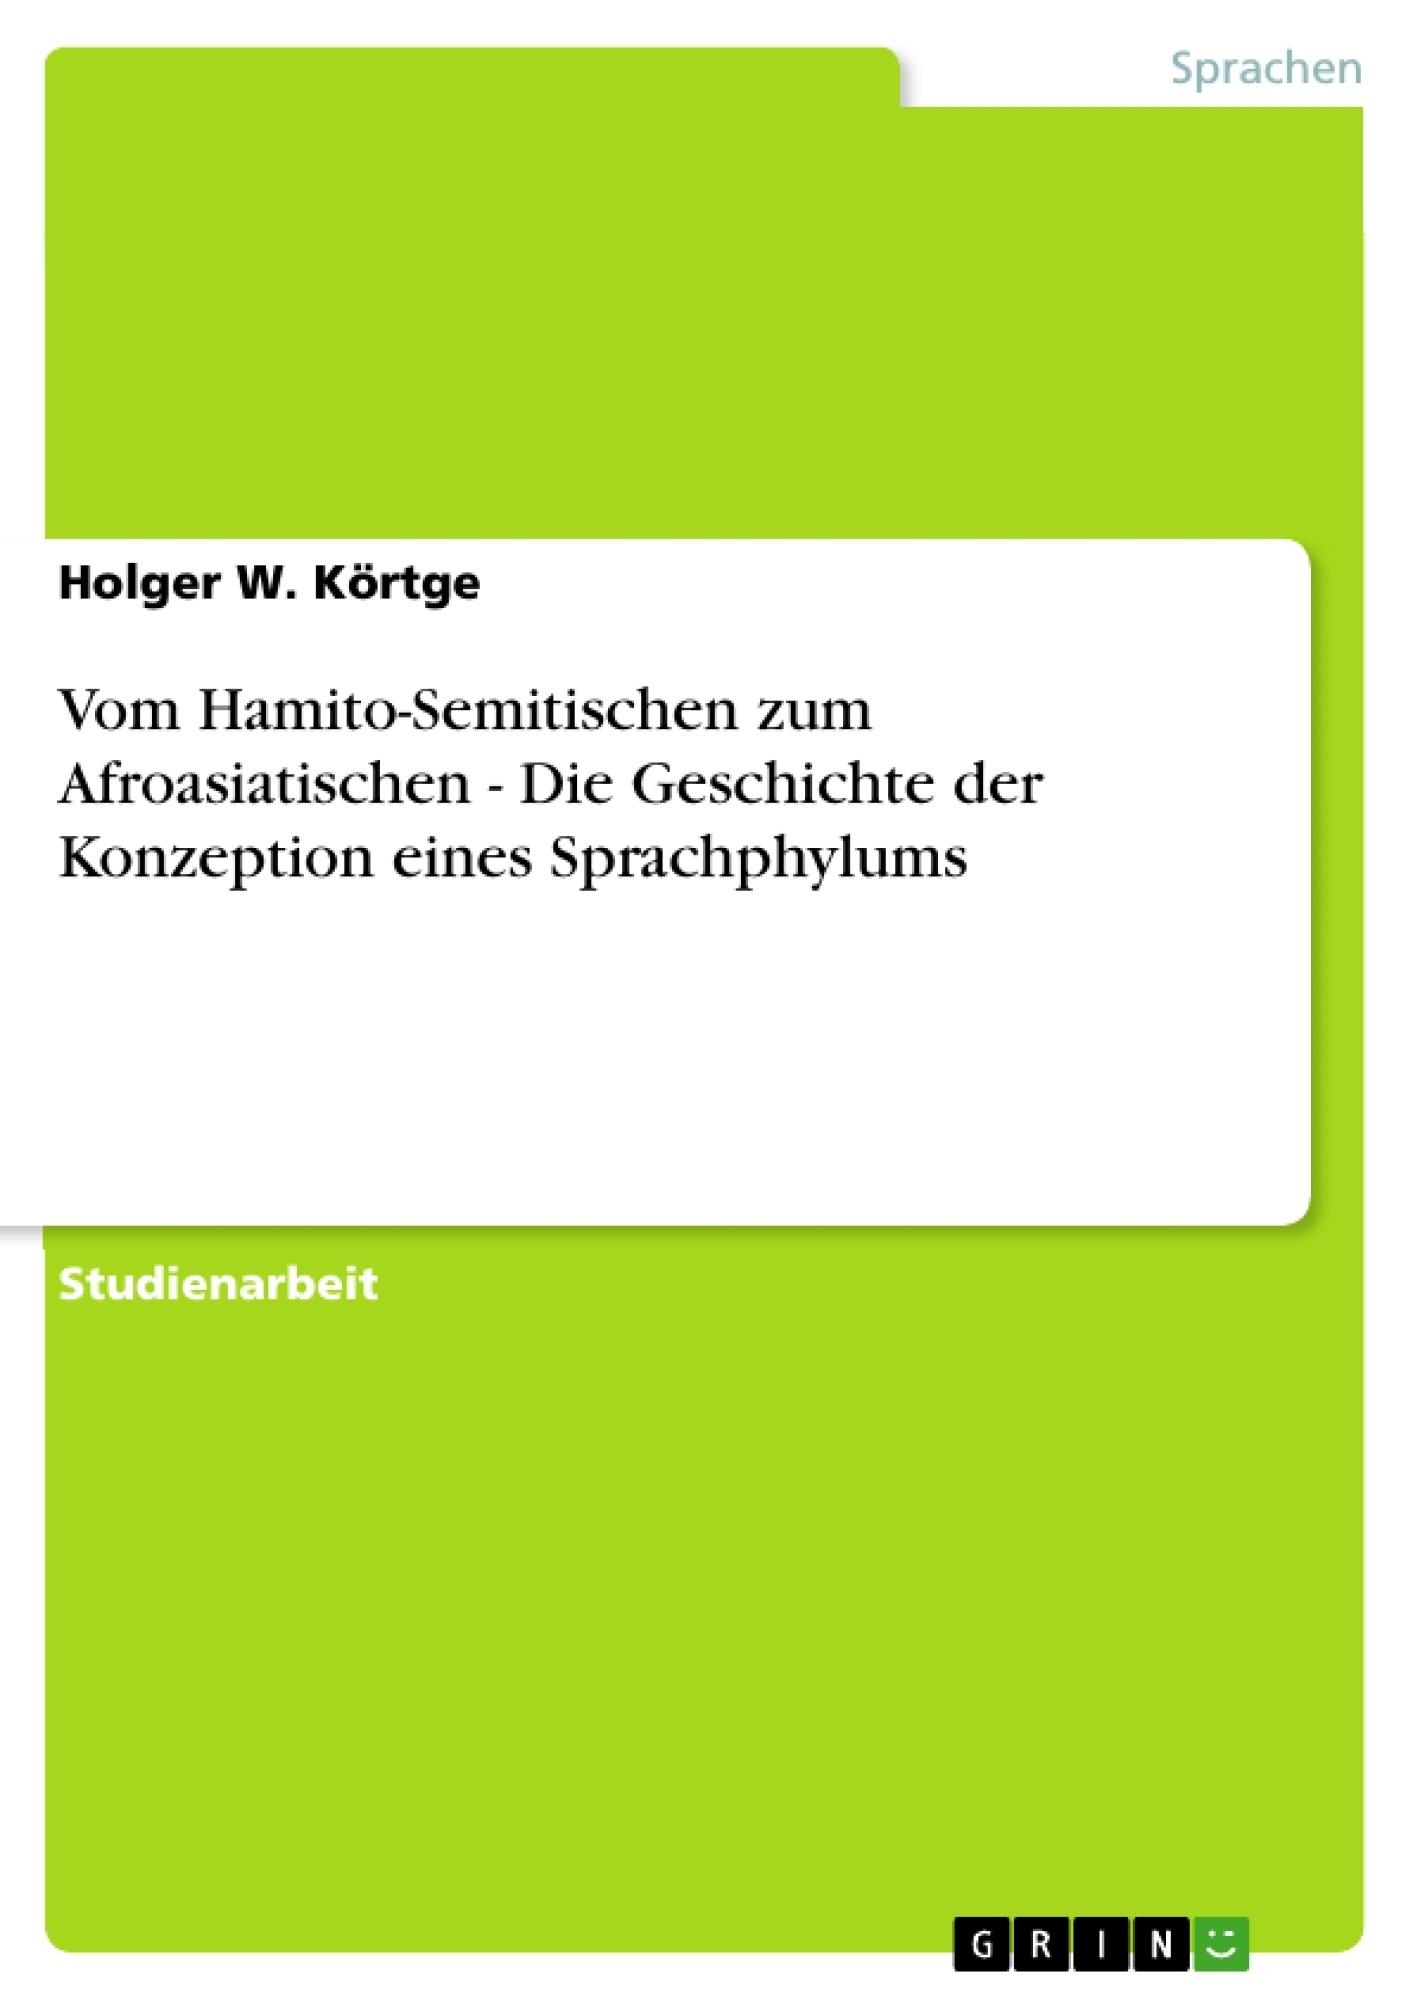 Titel: Vom Hamito-Semitischen zum Afroasiatischen - Die Geschichte der Konzeption eines Sprachphylums